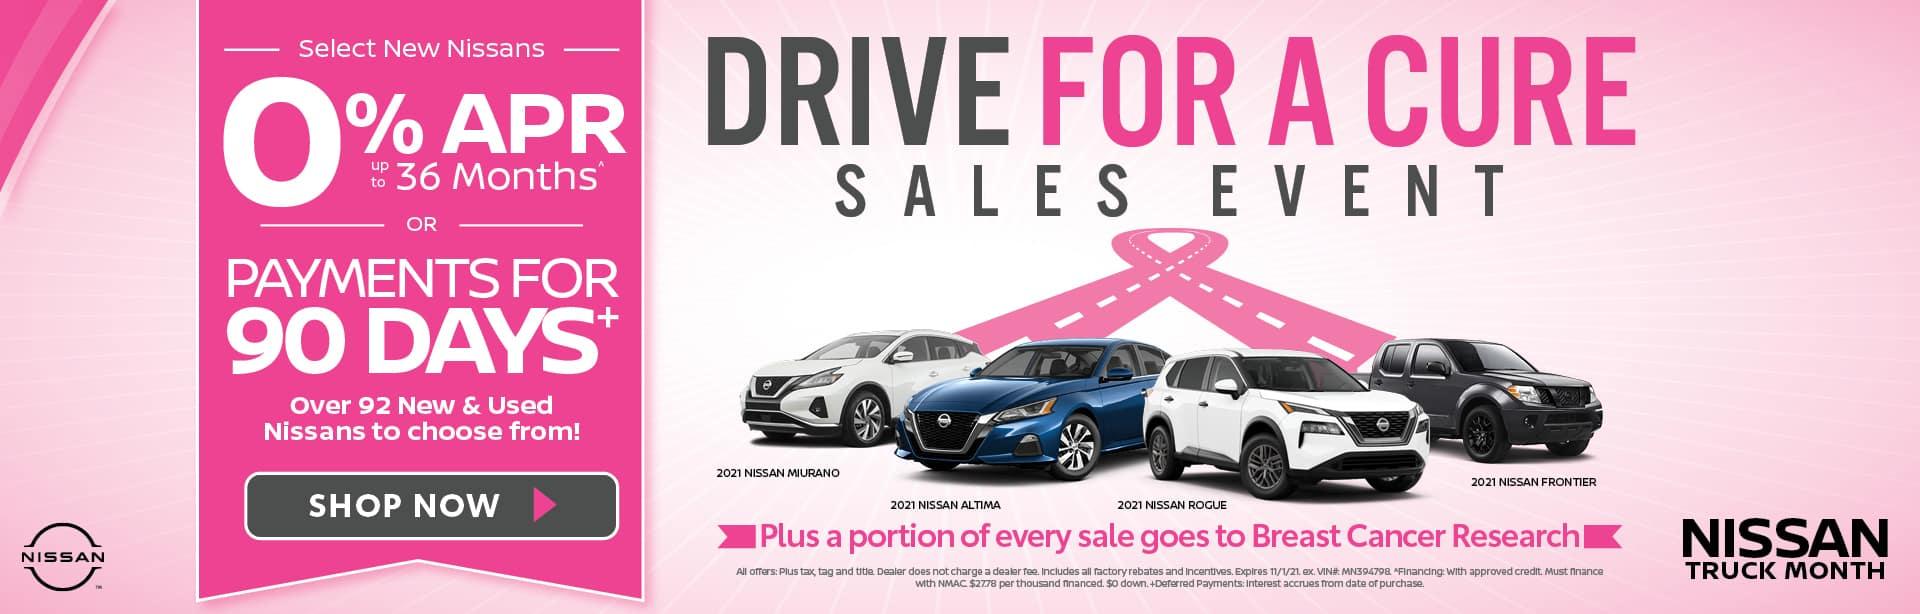 Select New Nissans 0% APR